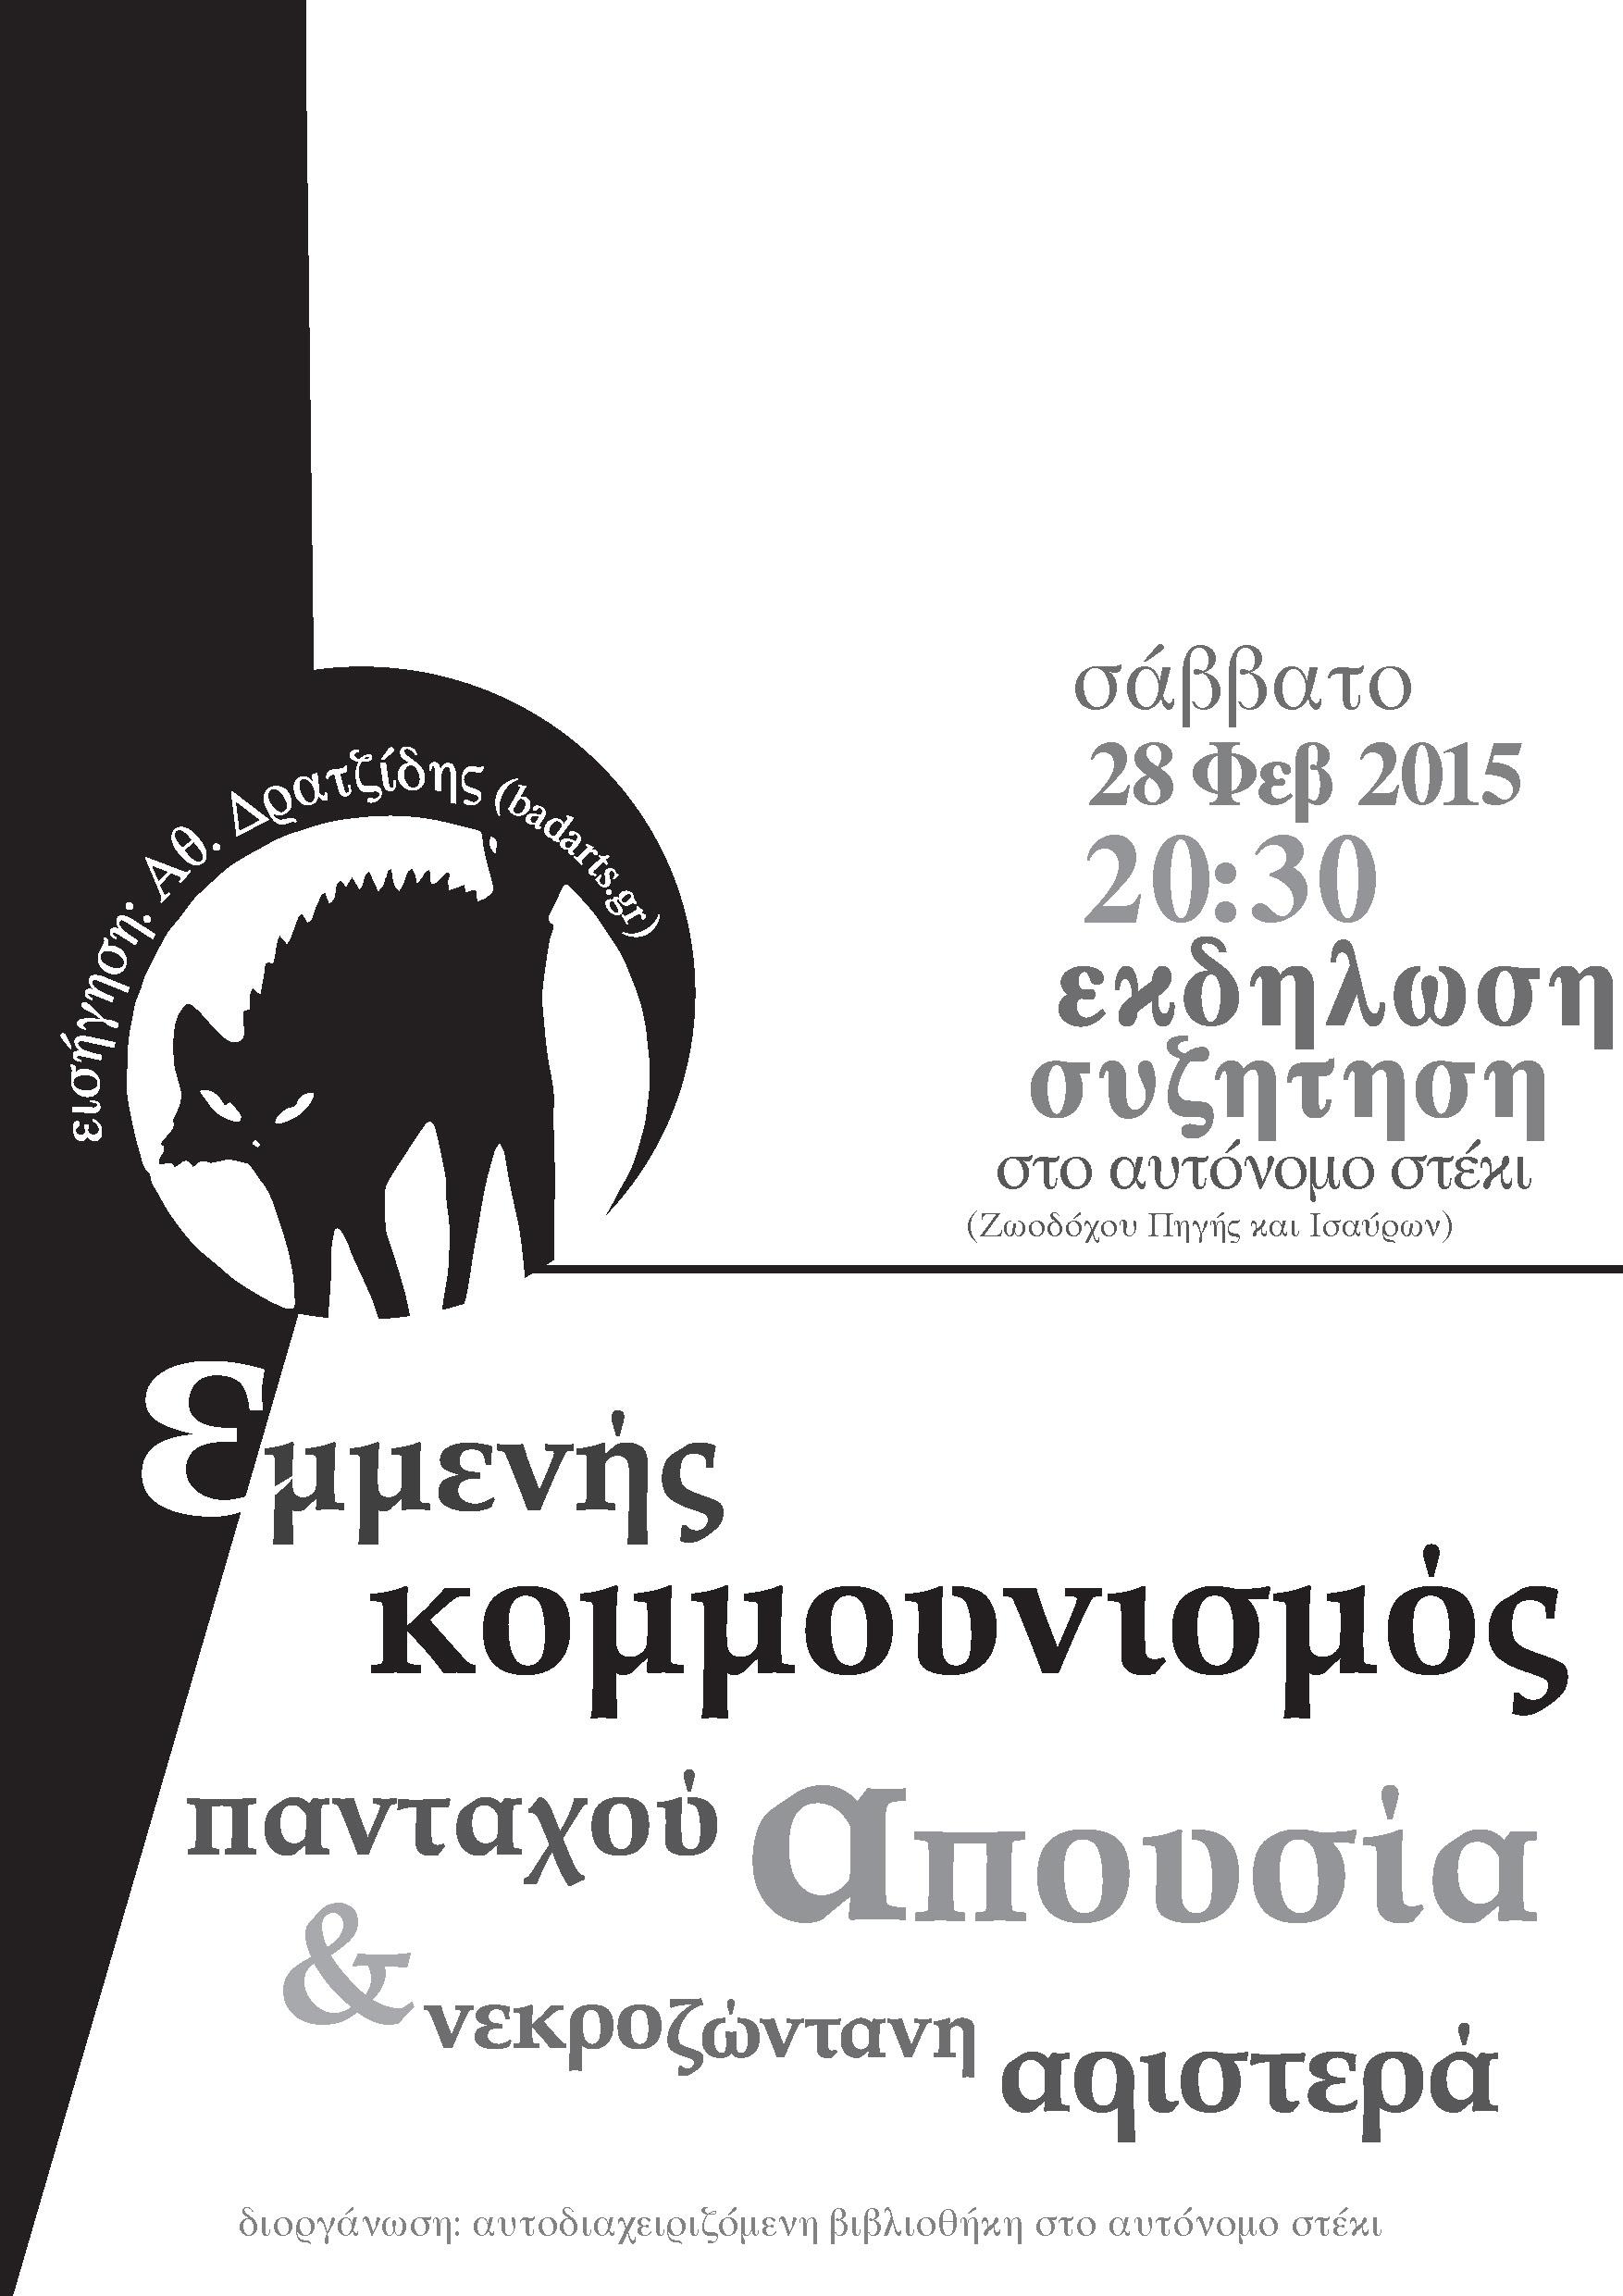 δρατζιδης - εκδηλωση